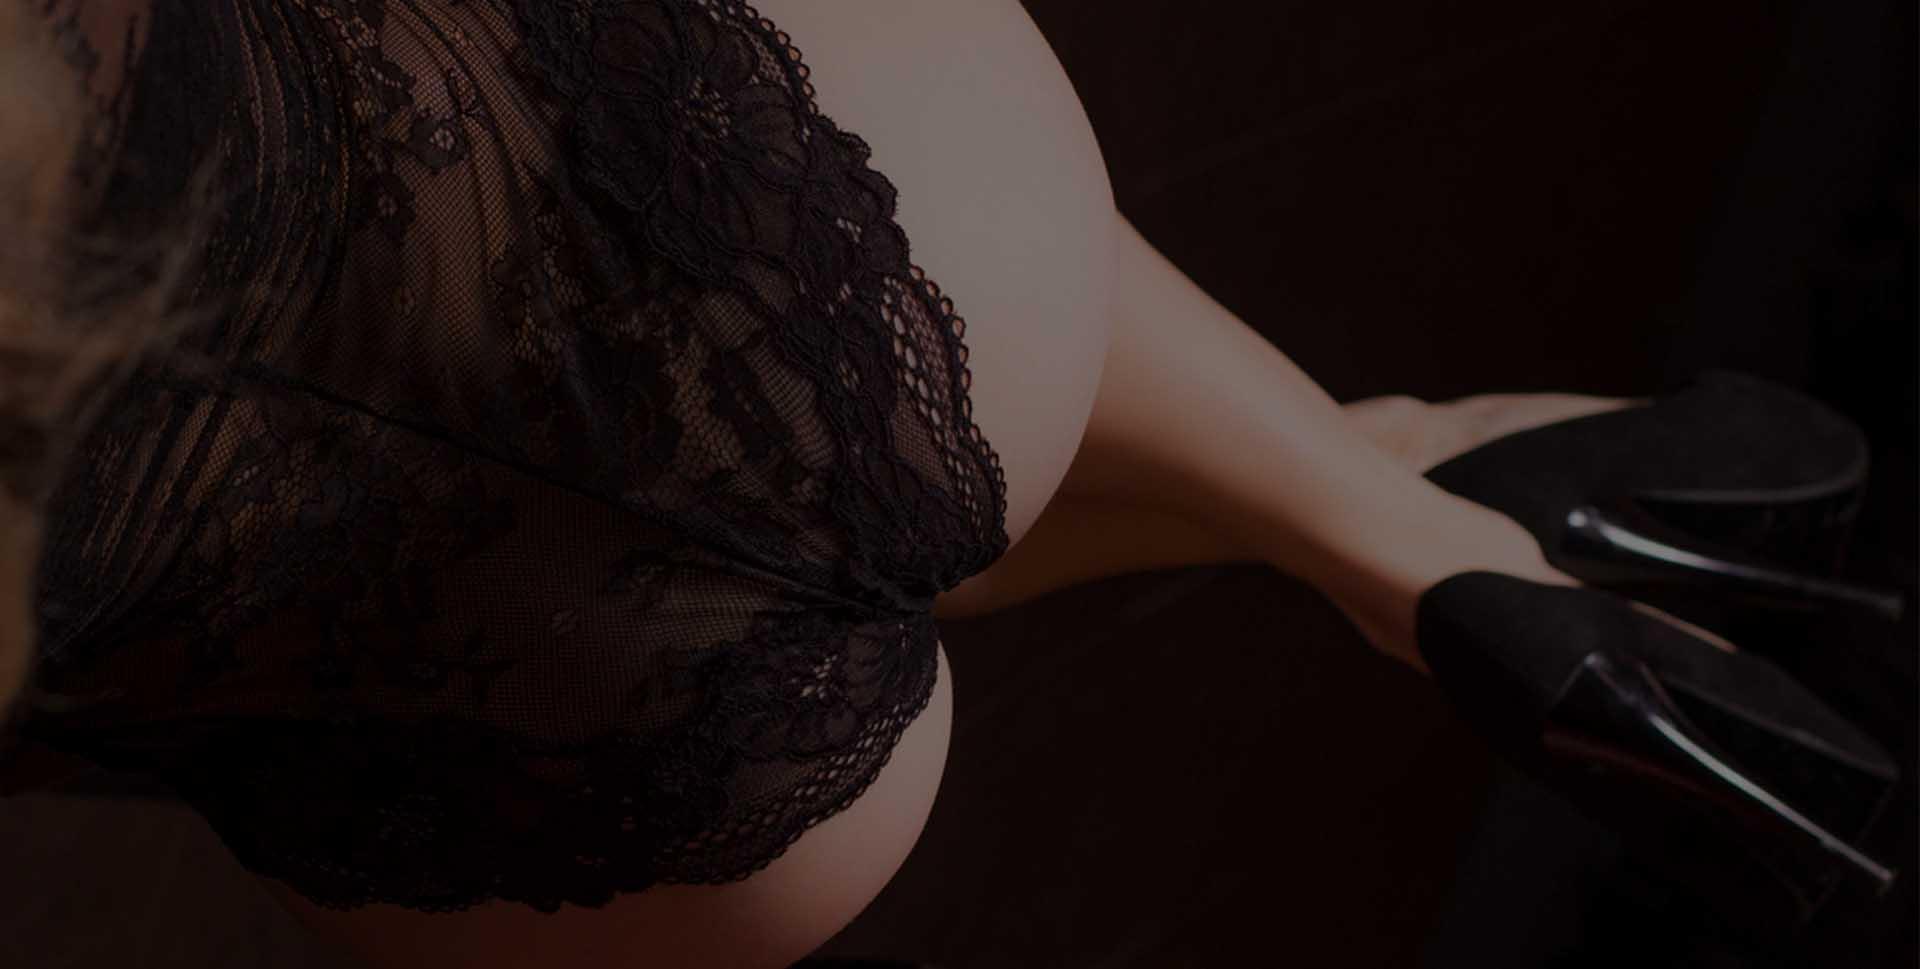 хорошая отмазка))) Огромное секс 30 бесплатно ошибаетесь. Давайте обсудим это